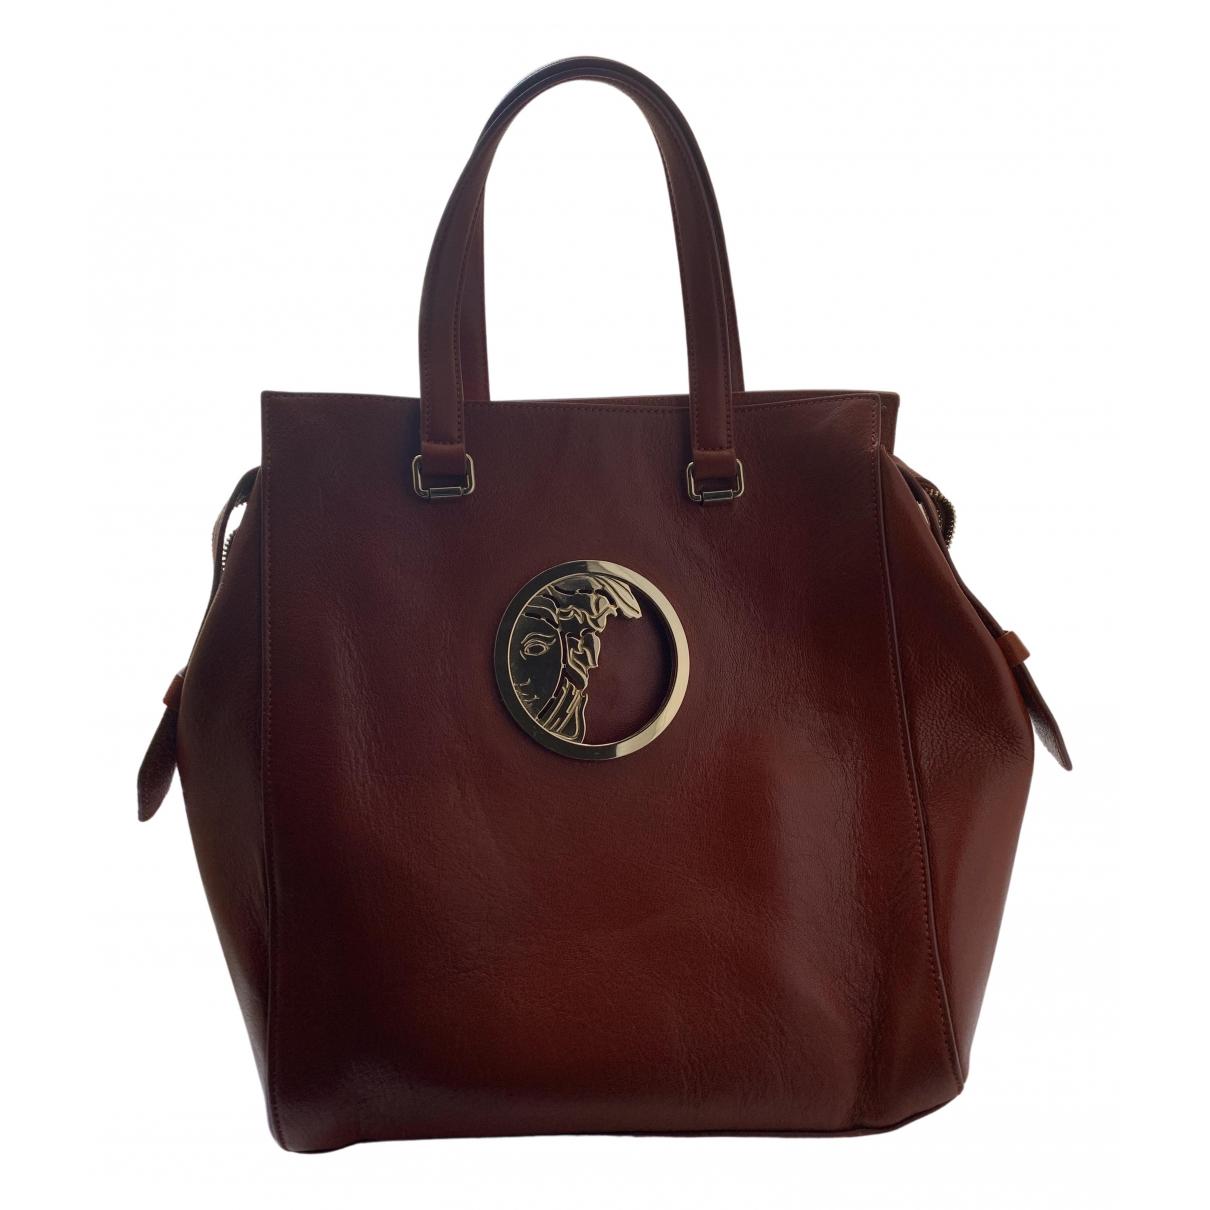 Versace - Sac a main   pour femme en cuir - marron